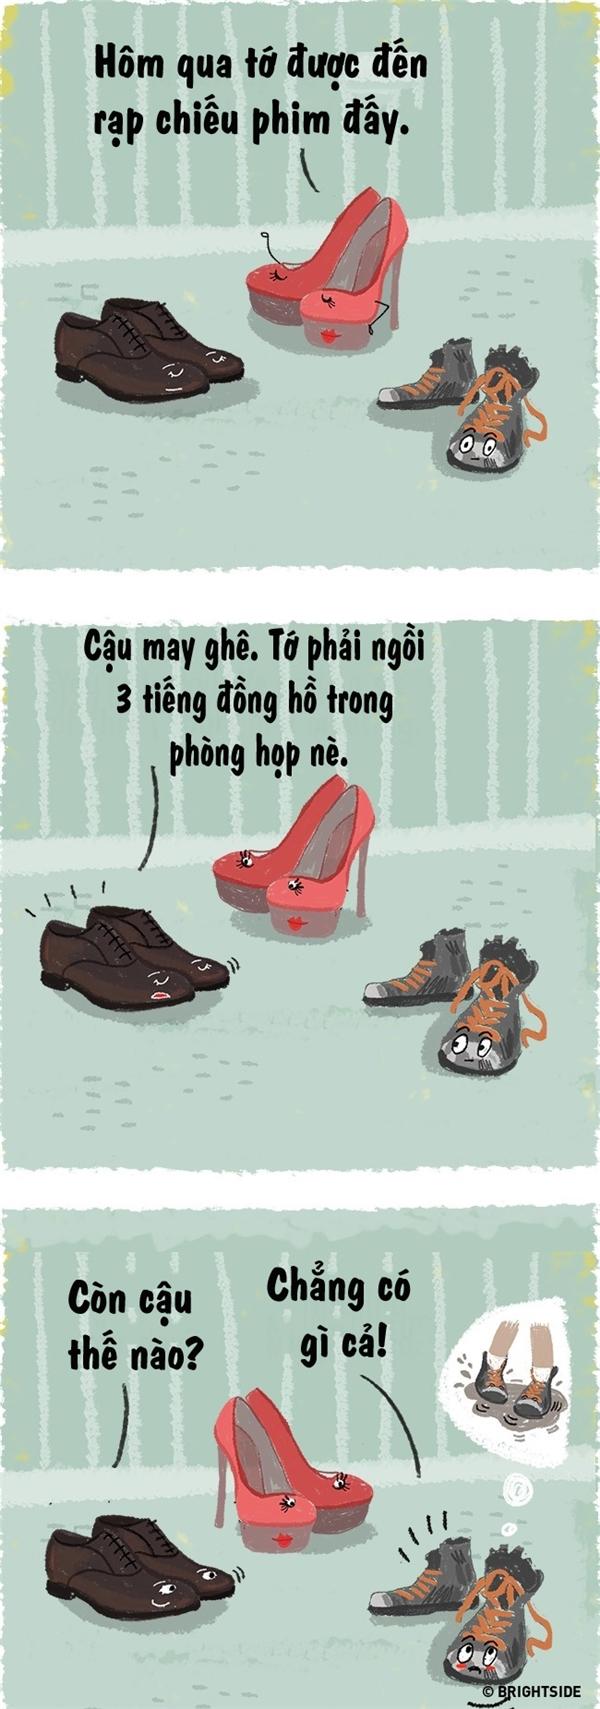 """""""Cho dù có là giày dép thì khi gặp chuyện xấu hổ,tôi cũng có quyền được ngại ngùng và che giấu chứ bộ!""""."""